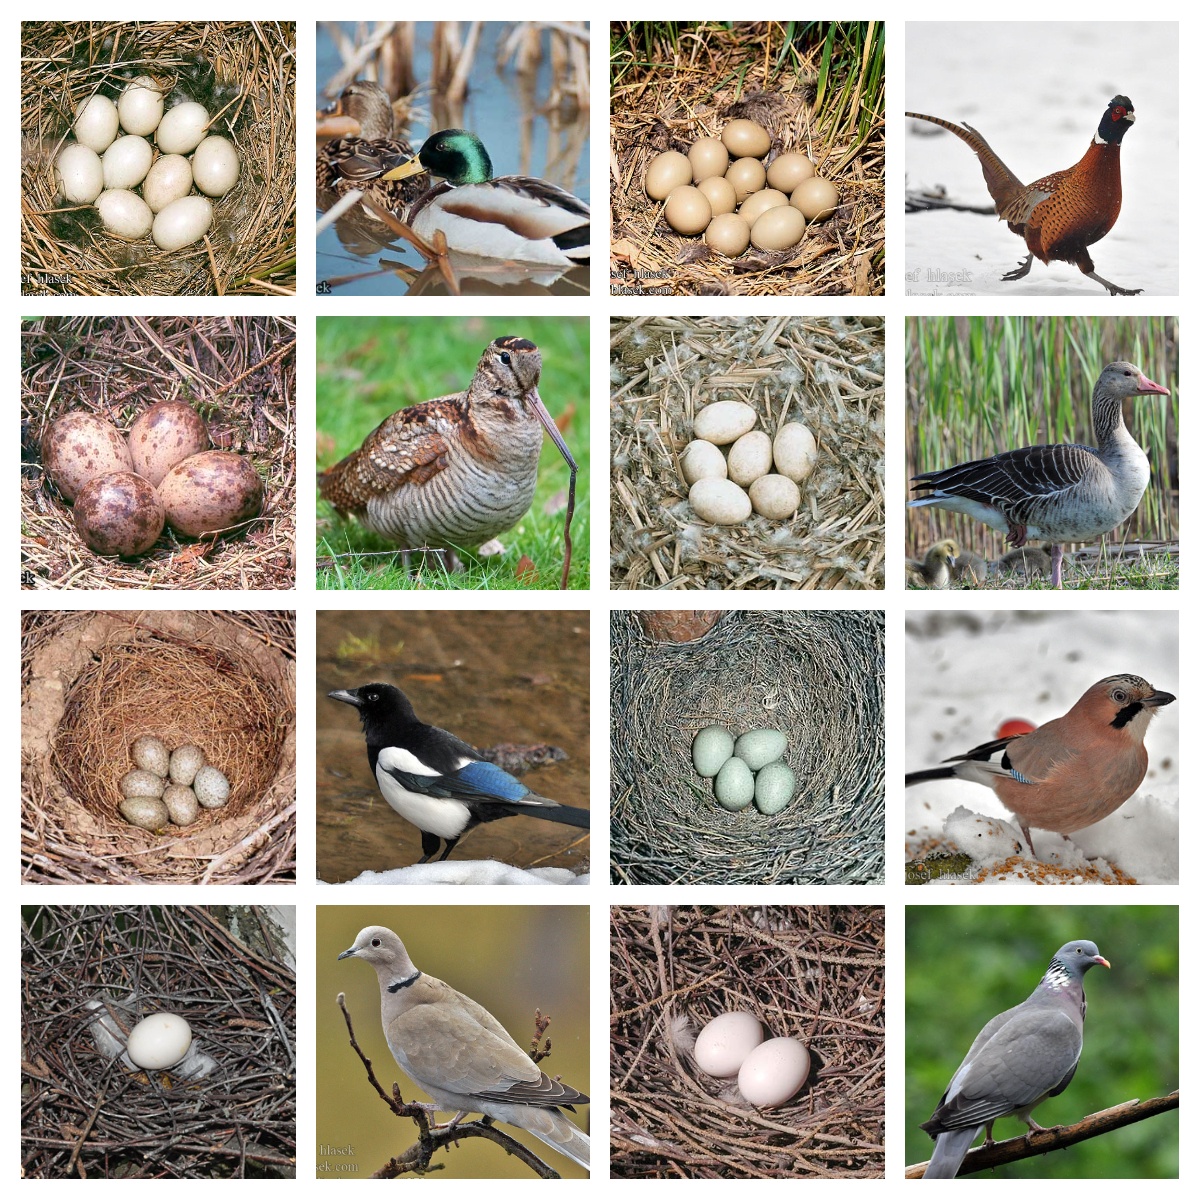 eggs_birds_1_ok.jpg